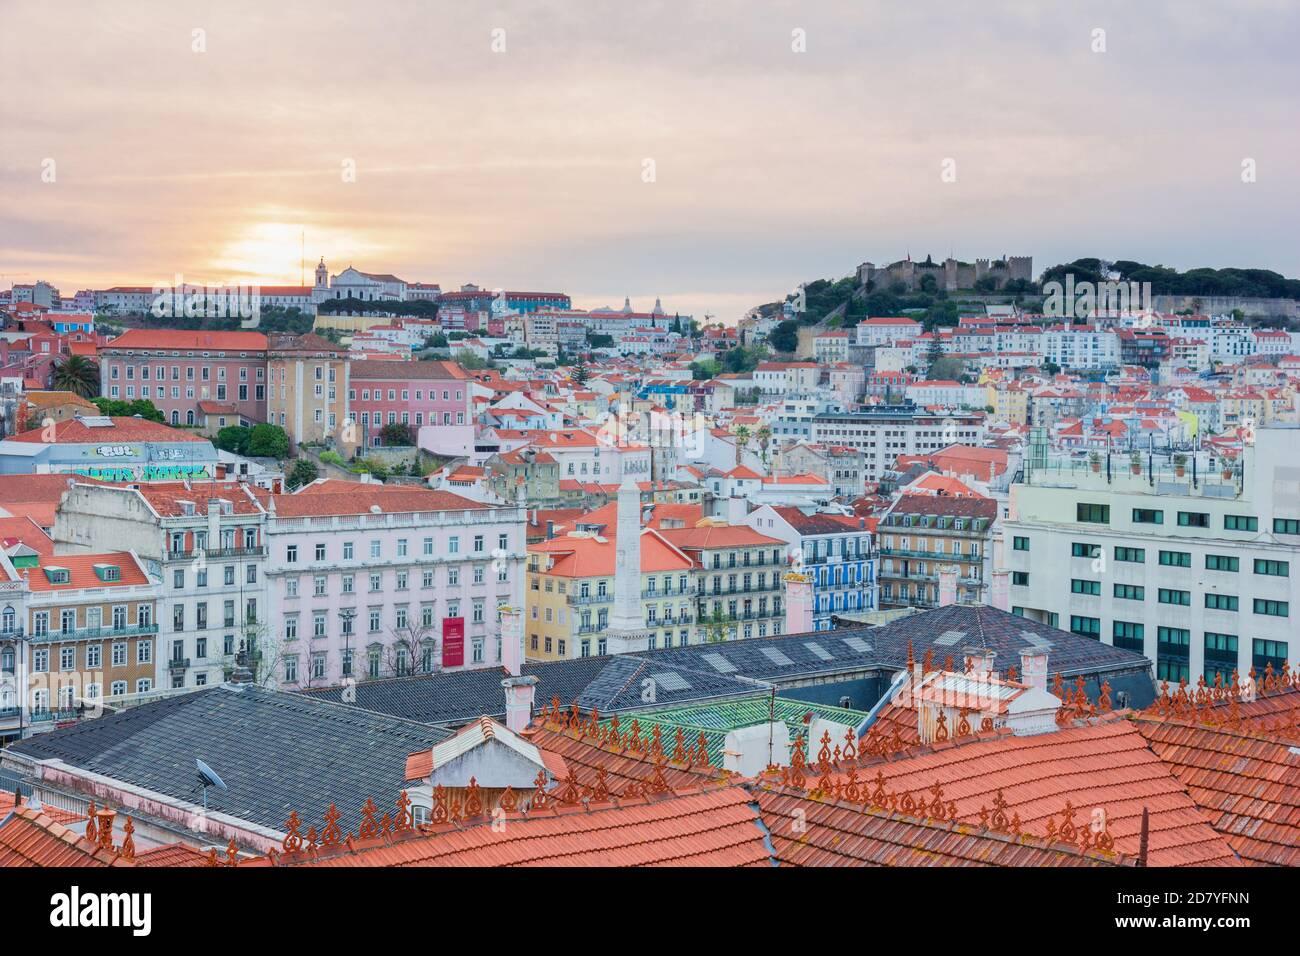 Vista delle belle e colorate case dall'alto durante l'alba con il cielo arancione e rosa a Lisbona, Portogallo. Foto Stock